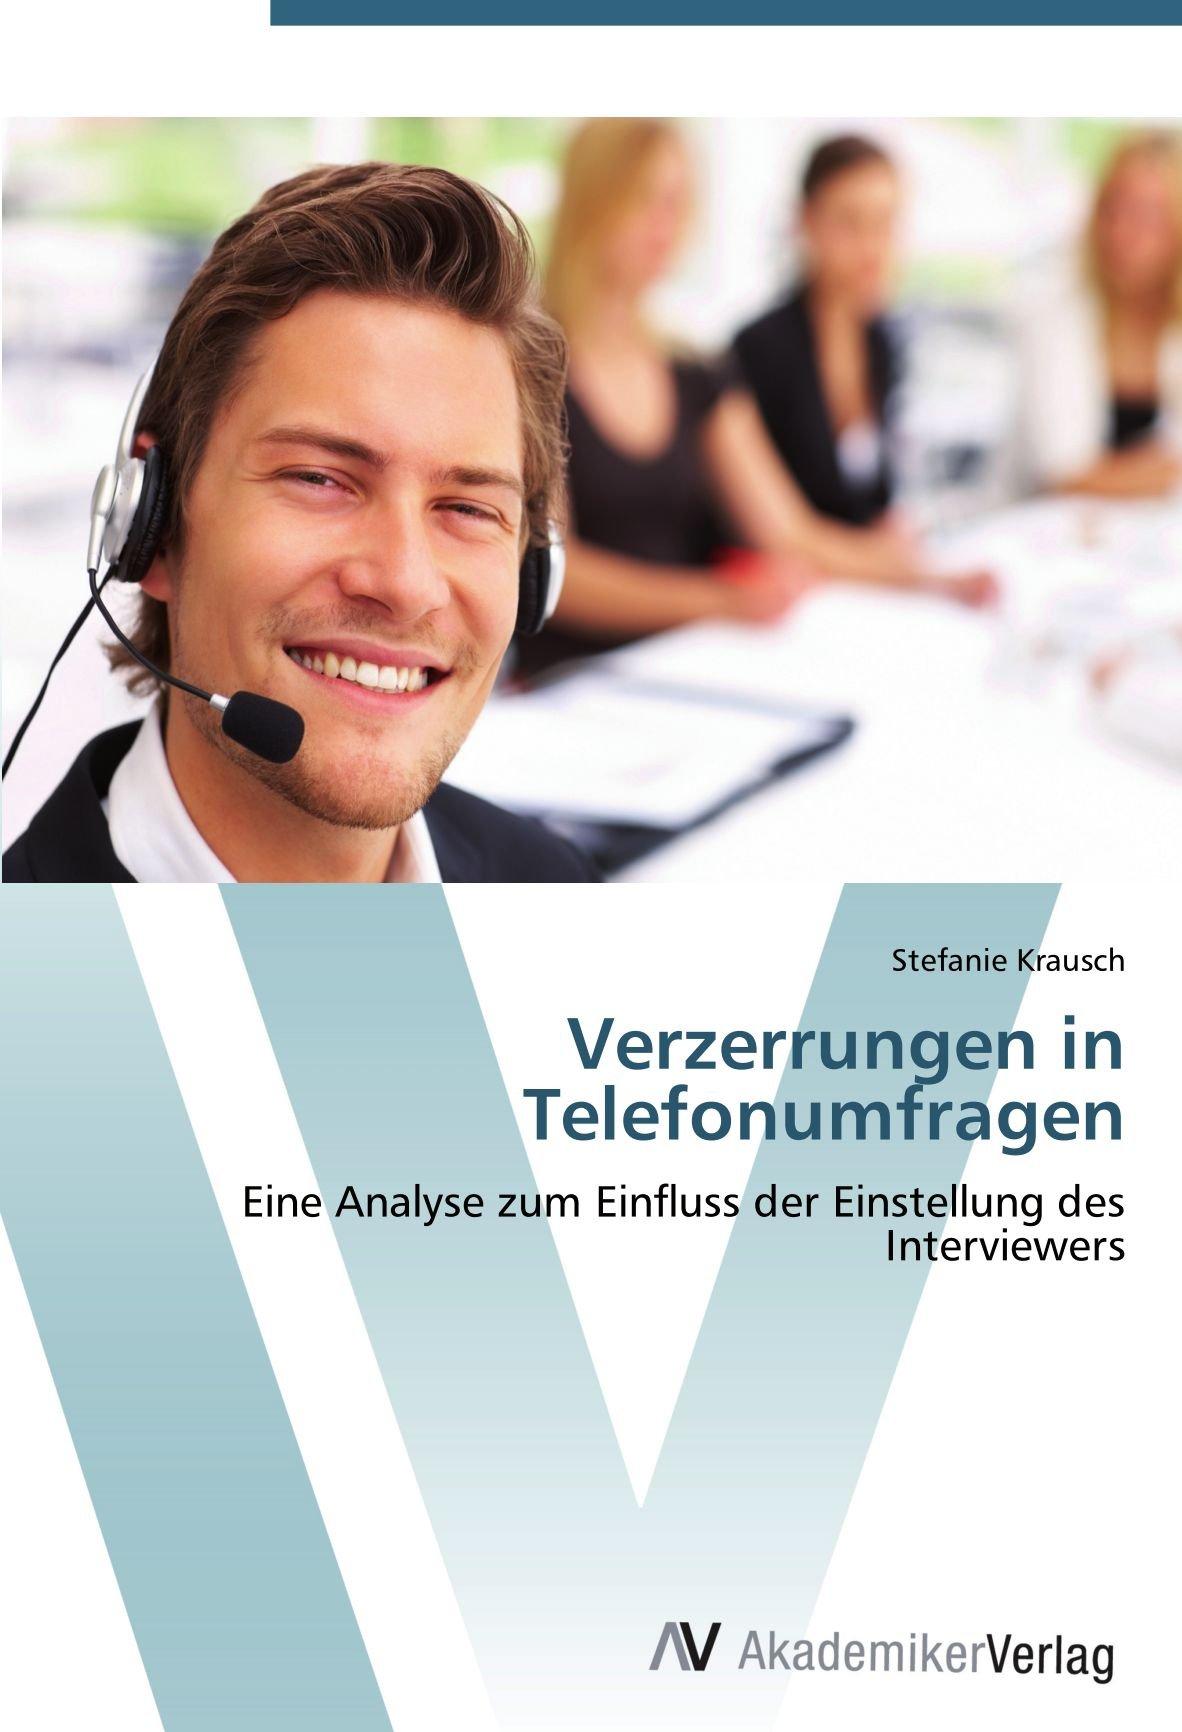 Verzerrungen in Telefonumfragen: Eine Analyse zum Einfluss der Einstellung des Interviewers (German Edition) pdf epub